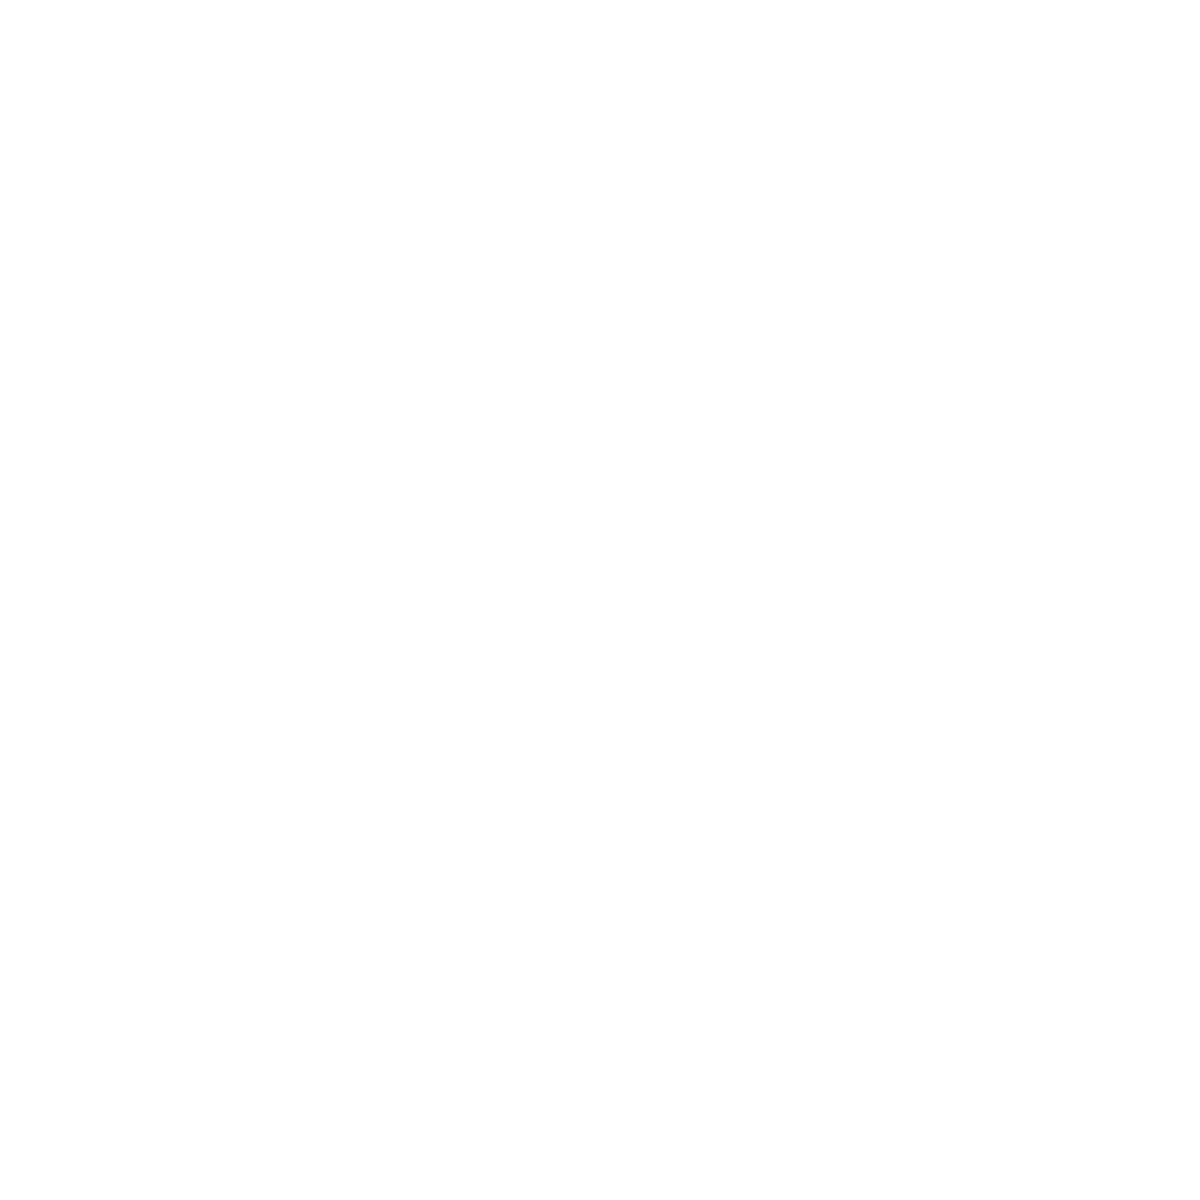 Kickass evigt elsker download torrent for 2002 dig NCVCE Resolution